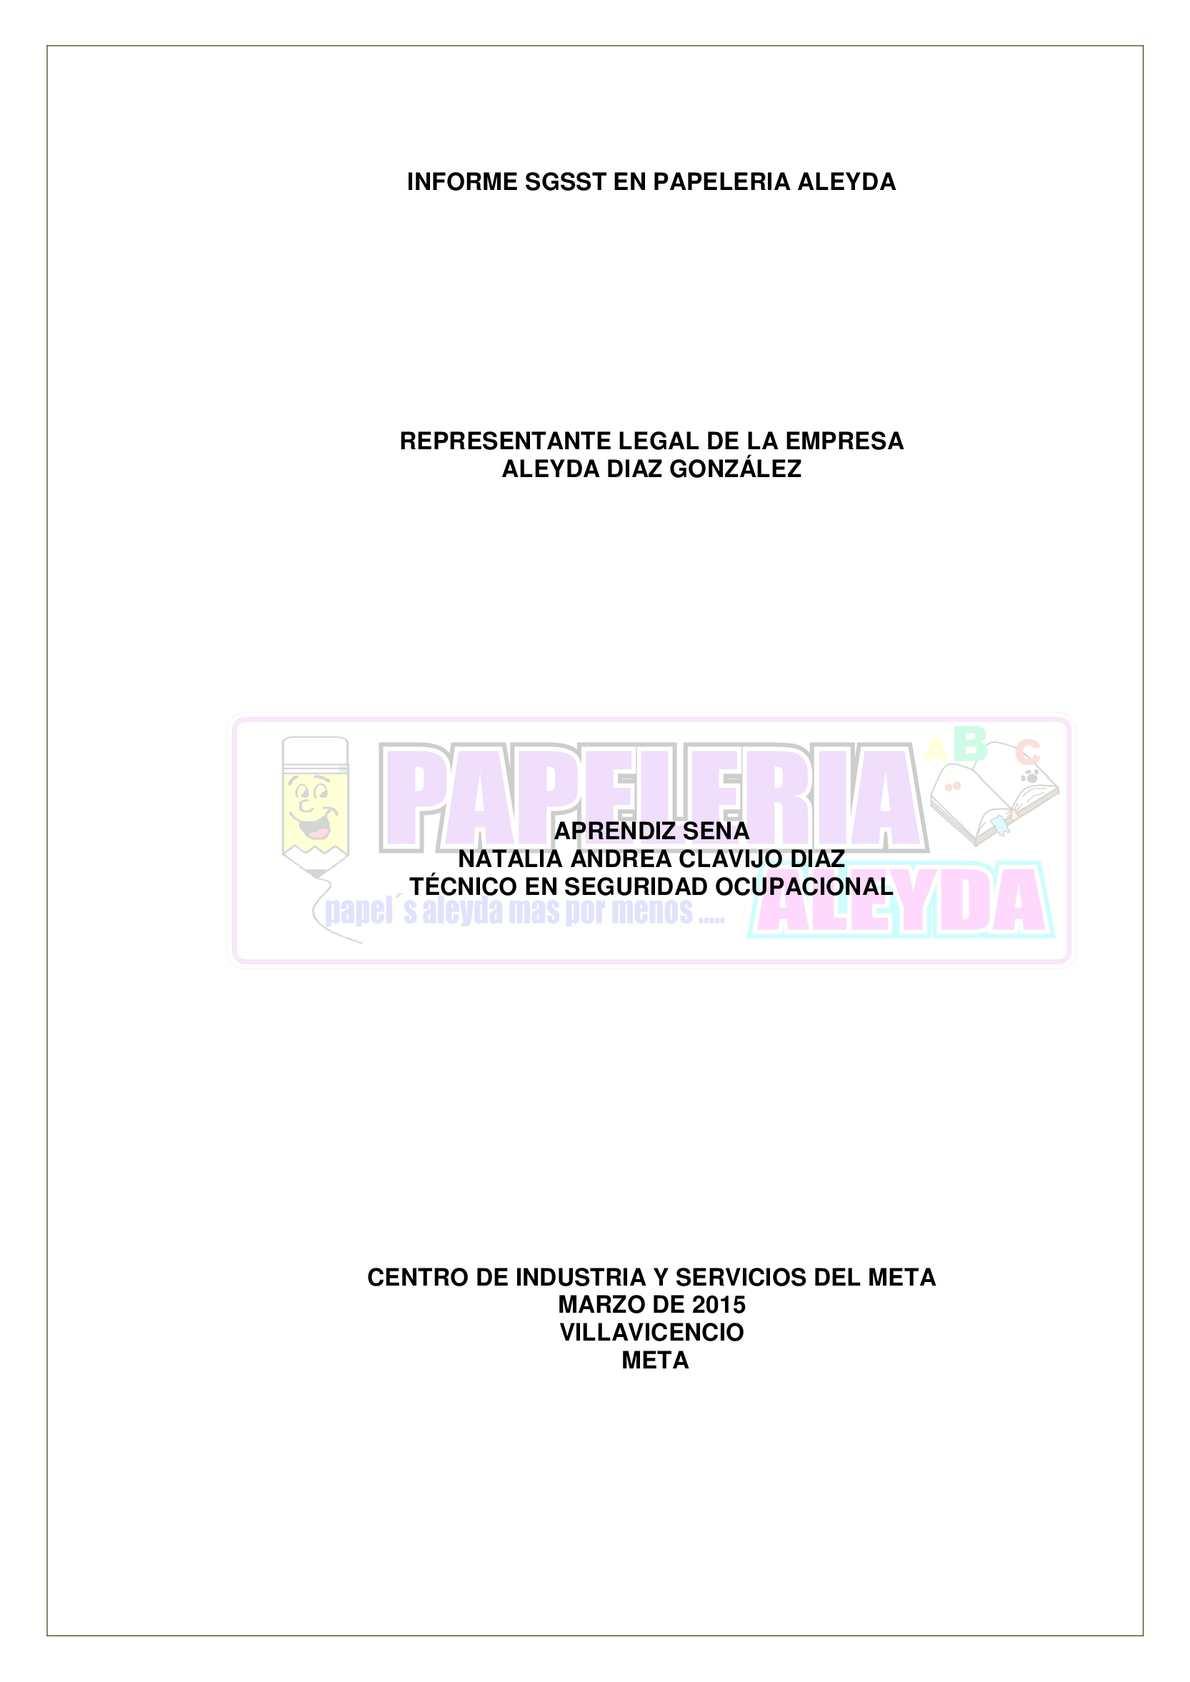 Calaméo - Anexo 5 Informe Sgsst En Papeleria Aleyda